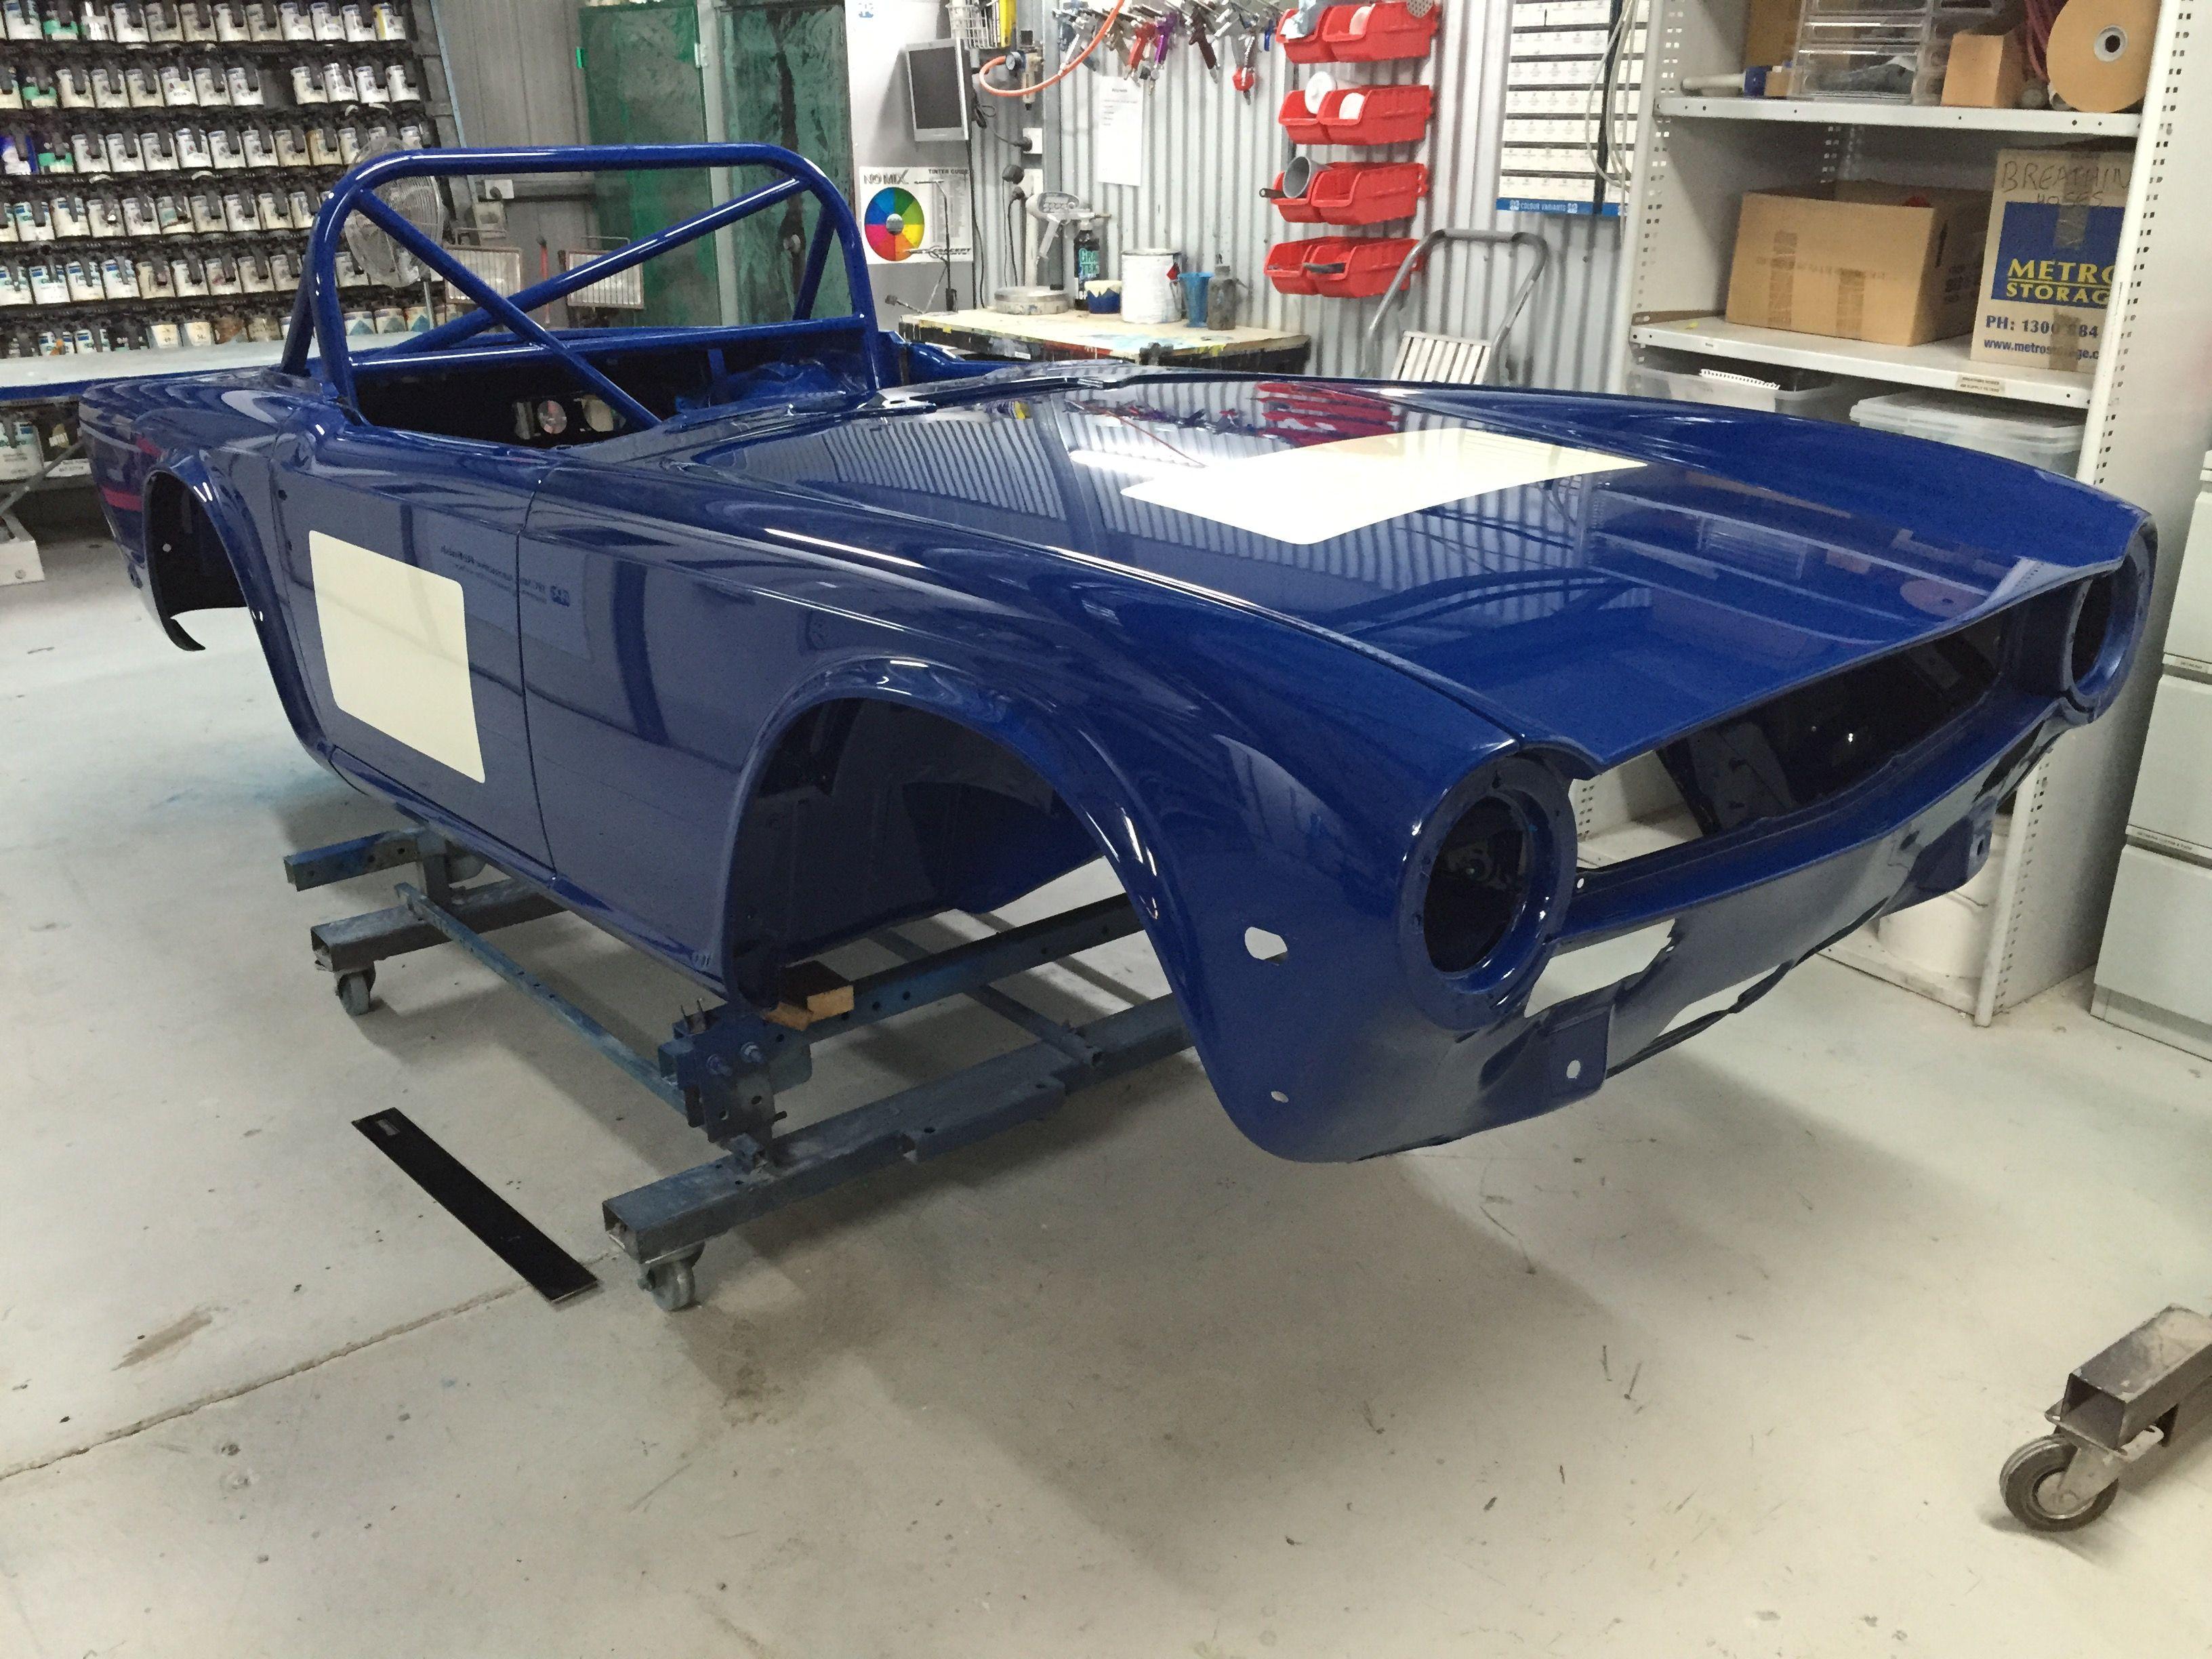 Triumph TR6 racecar